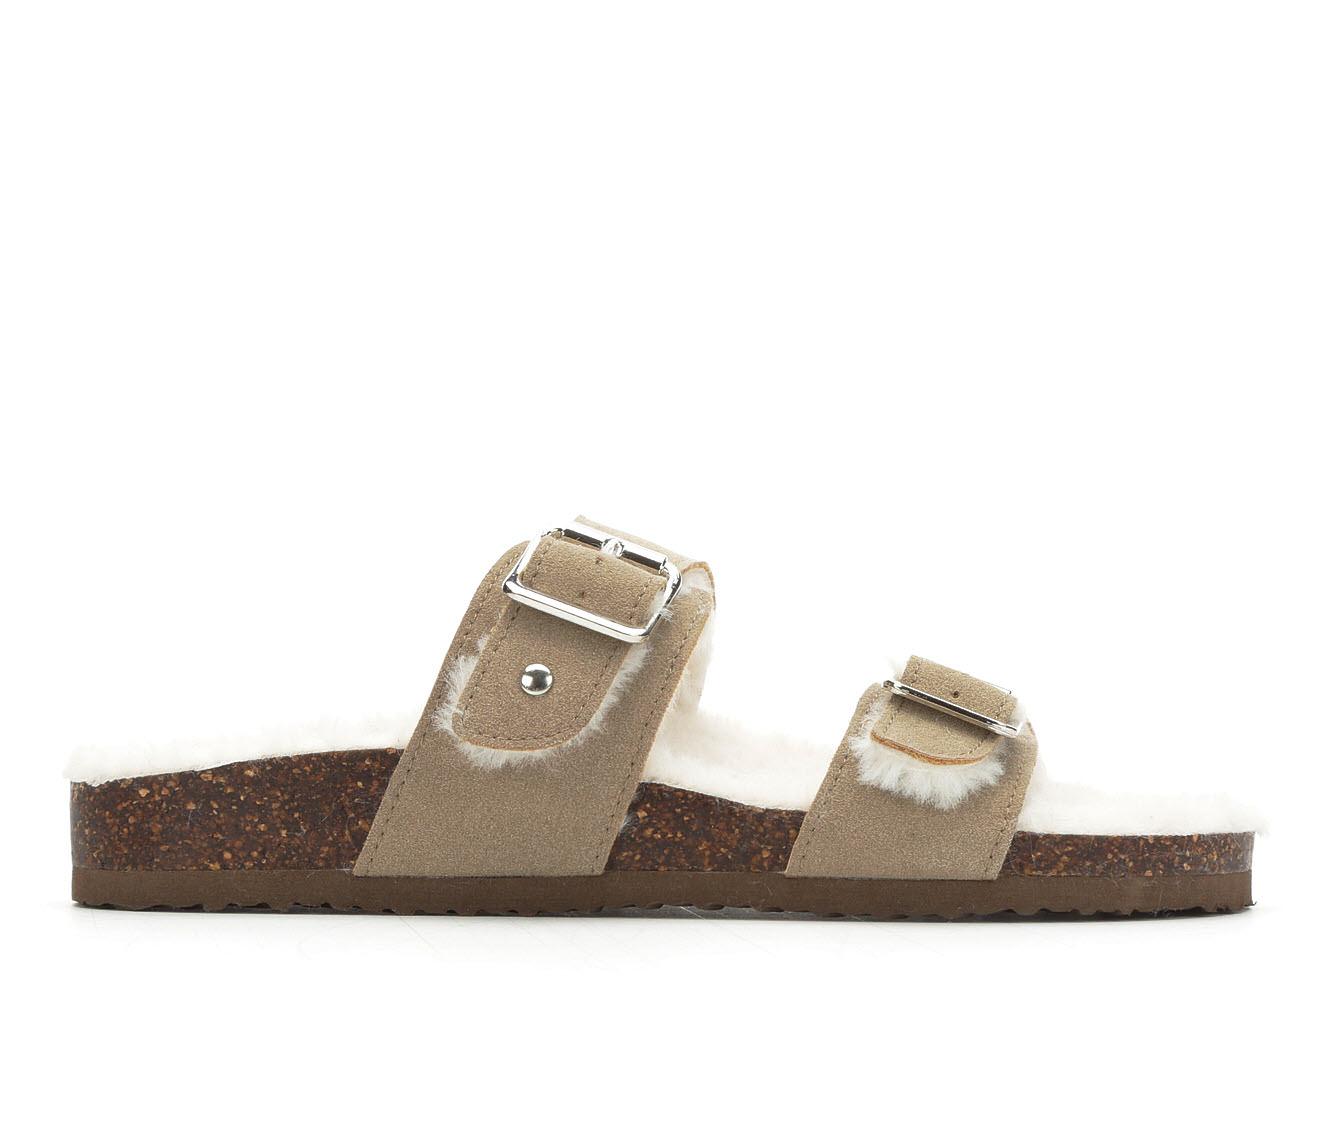 Women's Madden Girl Brando Sandals (Beige)